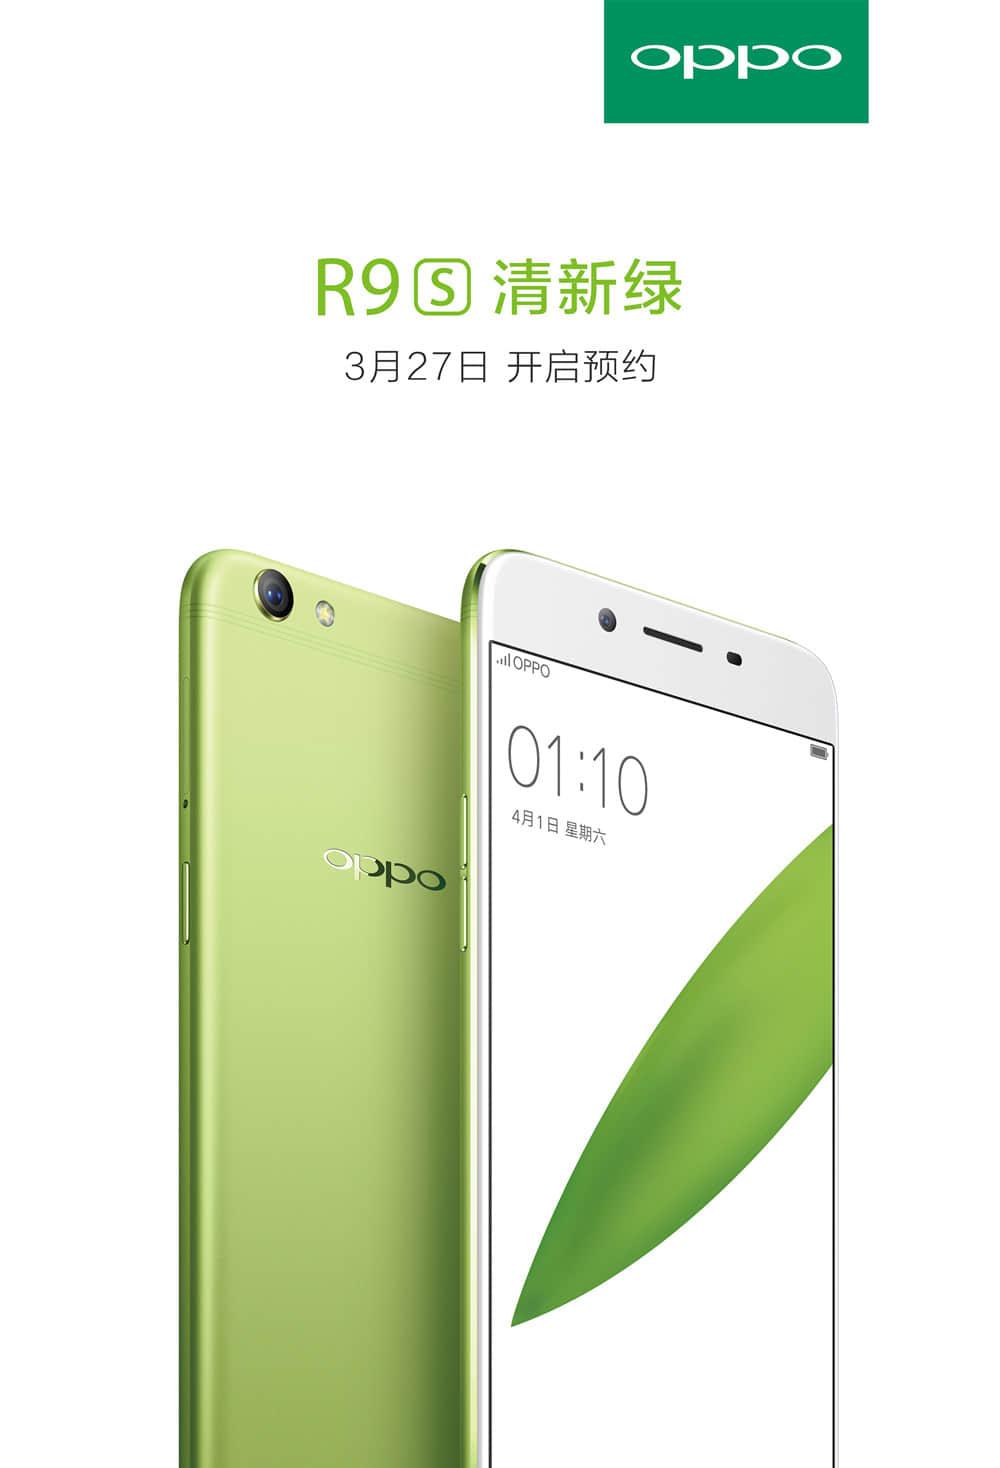 一大波美图来袭 OPPO官方确认推出R9s清新绿限量版手机